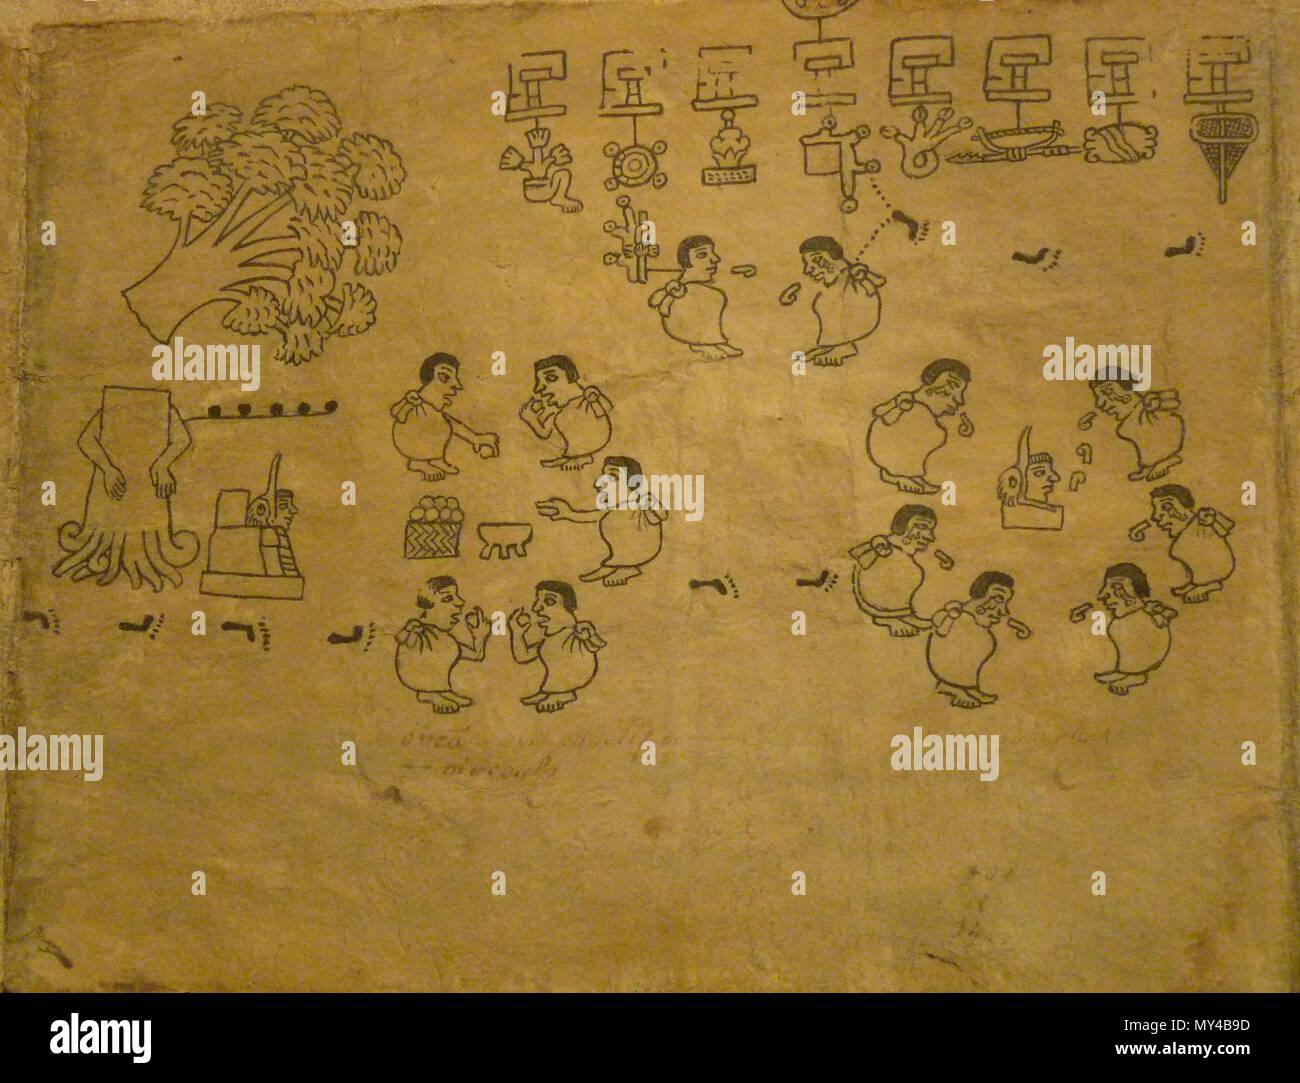 . Codex Boturini (also known as Tira de la peregrinación), folio 3 . First half of 16th century. Unknown (codex) - El Comandante (photographer) 83 Boturini Codex (folio 3) - Stock Image